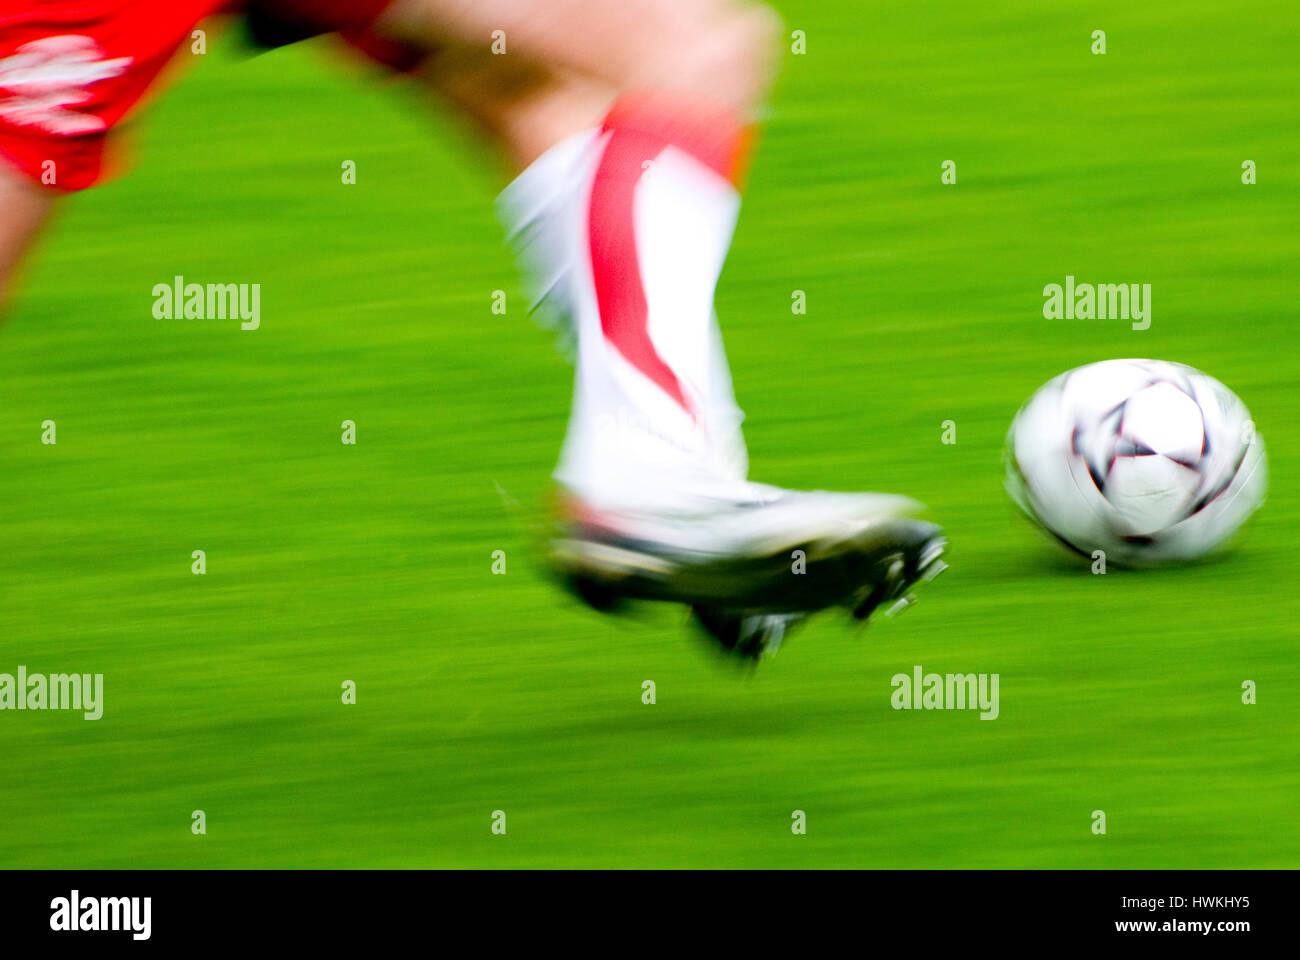 Las piernas del jugador de fútbol durante un partido, el efecto Desenfoque de movimiento Foto de stock